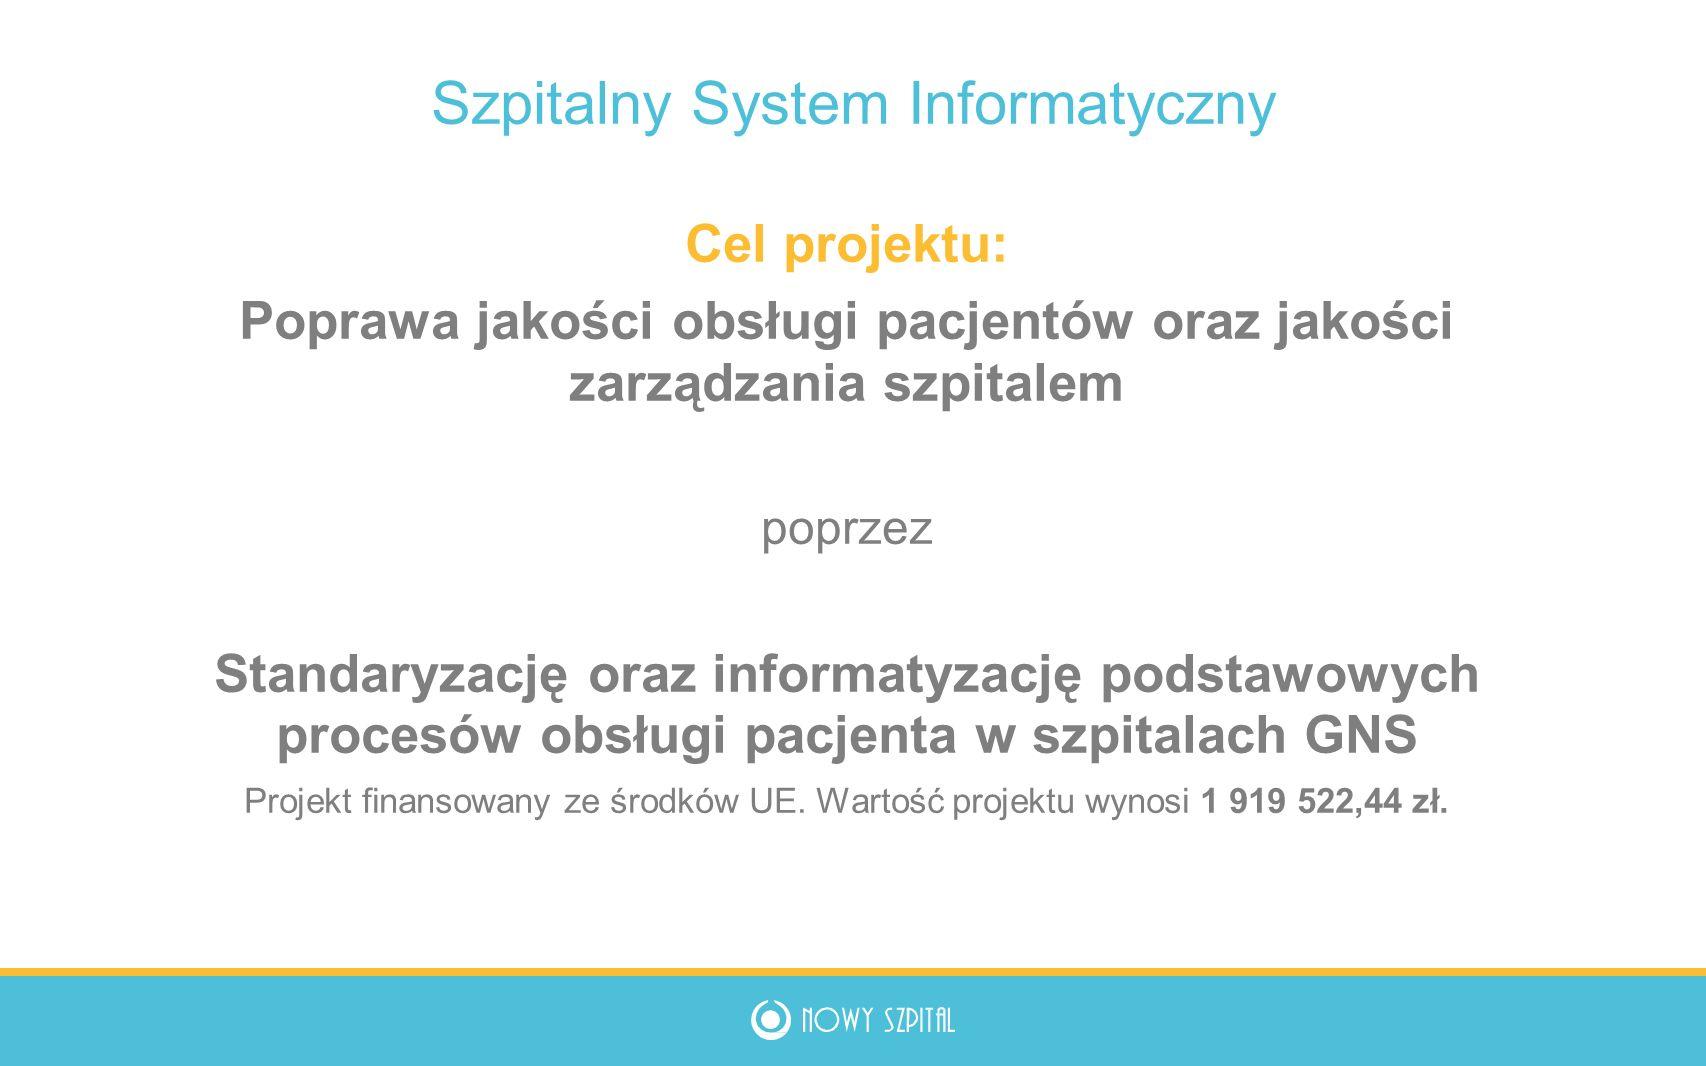 Szpitalny System Informatyczny Cel projektu: Poprawa jakości obsługi pacjentów oraz jakości zarządzania szpitalem poprzez Standaryzację oraz informatyzację podstawowych procesów obsługi pacjenta w szpitalach GNS Projekt finansowany ze środków UE.